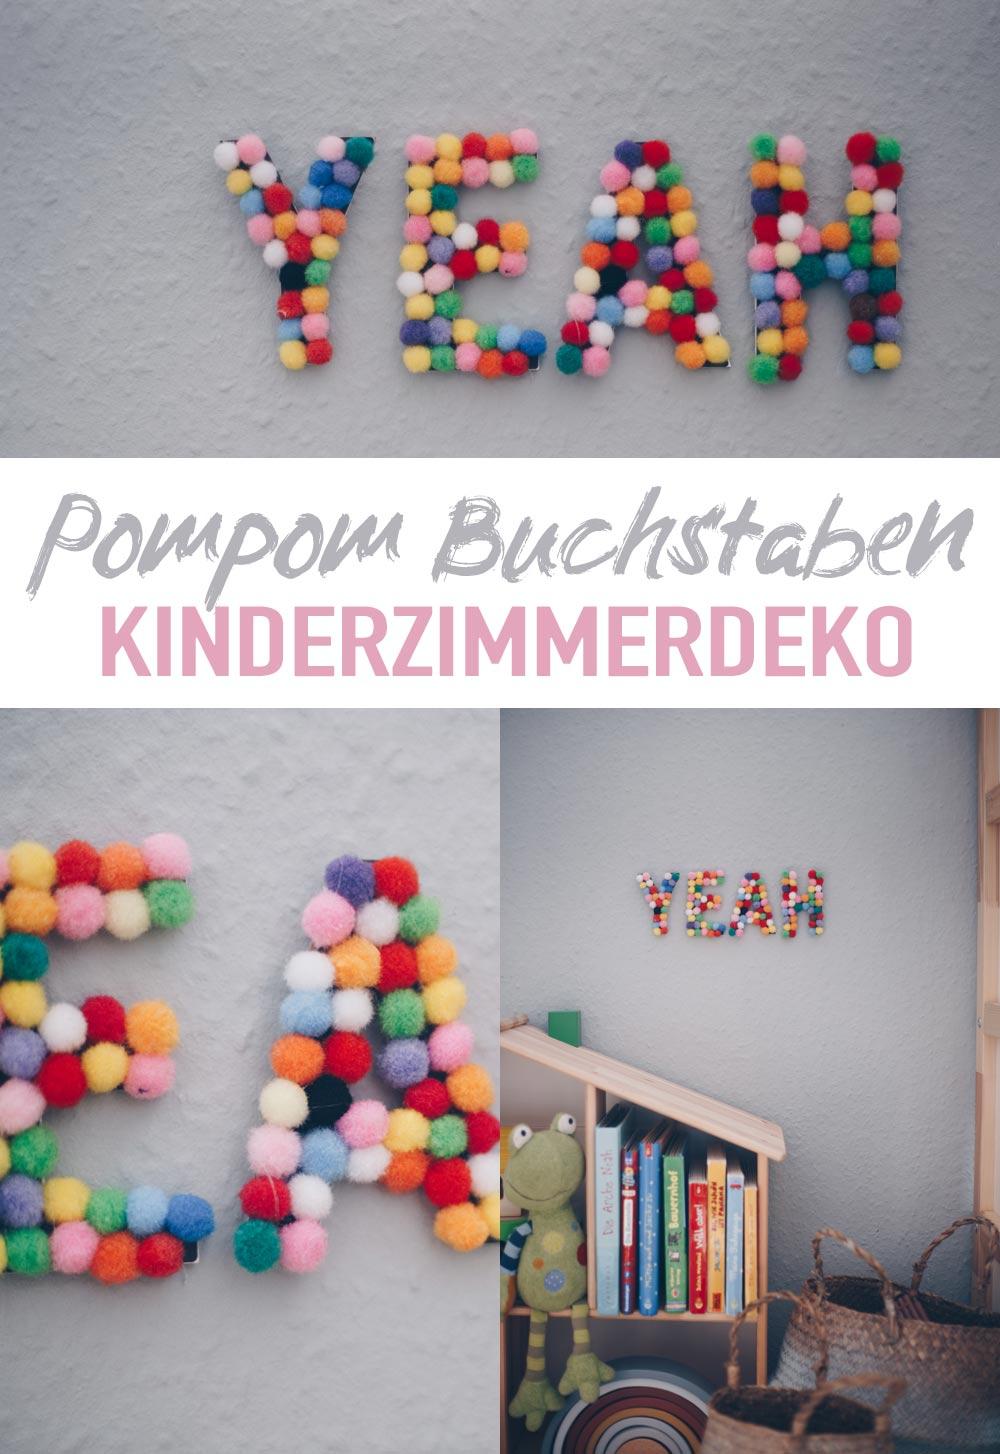 individuelle DIY Kinderzimmerdeko mit Pompom Buchstaben selbermachen